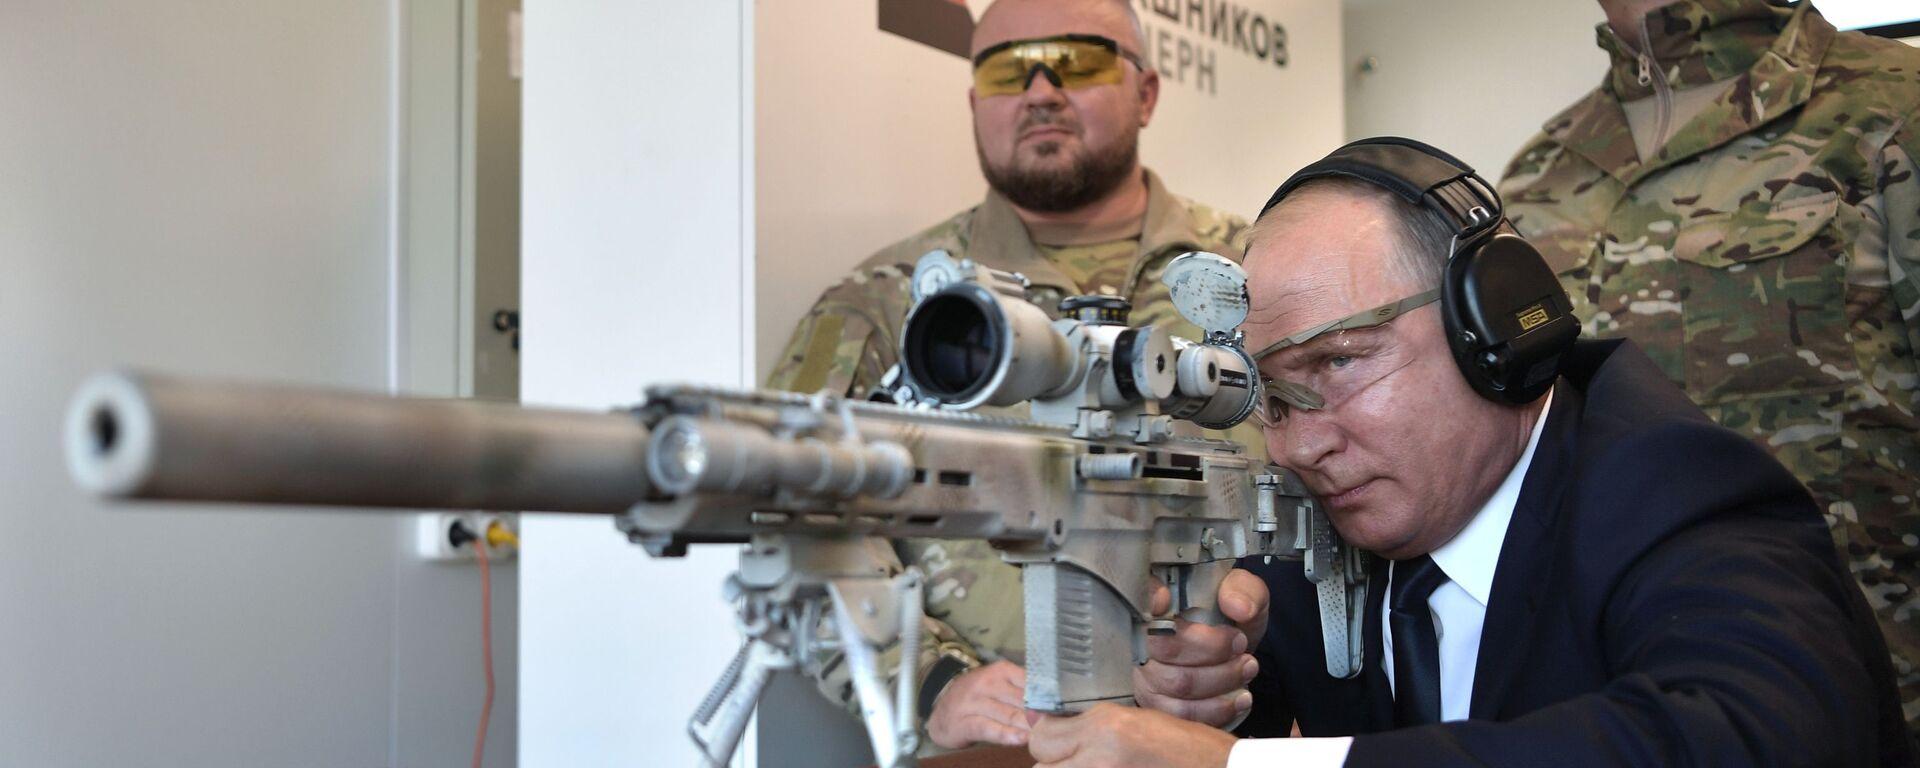 """Tổng thống Nga Vladimir Putin ngắm mục tiêu từ súng trường bắn tỉa Chukavin (SVCh -308) khi đến thăm Trung tâm súng trường của Liên hiệp tập đoàn """"Kalashnikov"""" - Sputnik Việt Nam, 1920, 05.01.2020"""